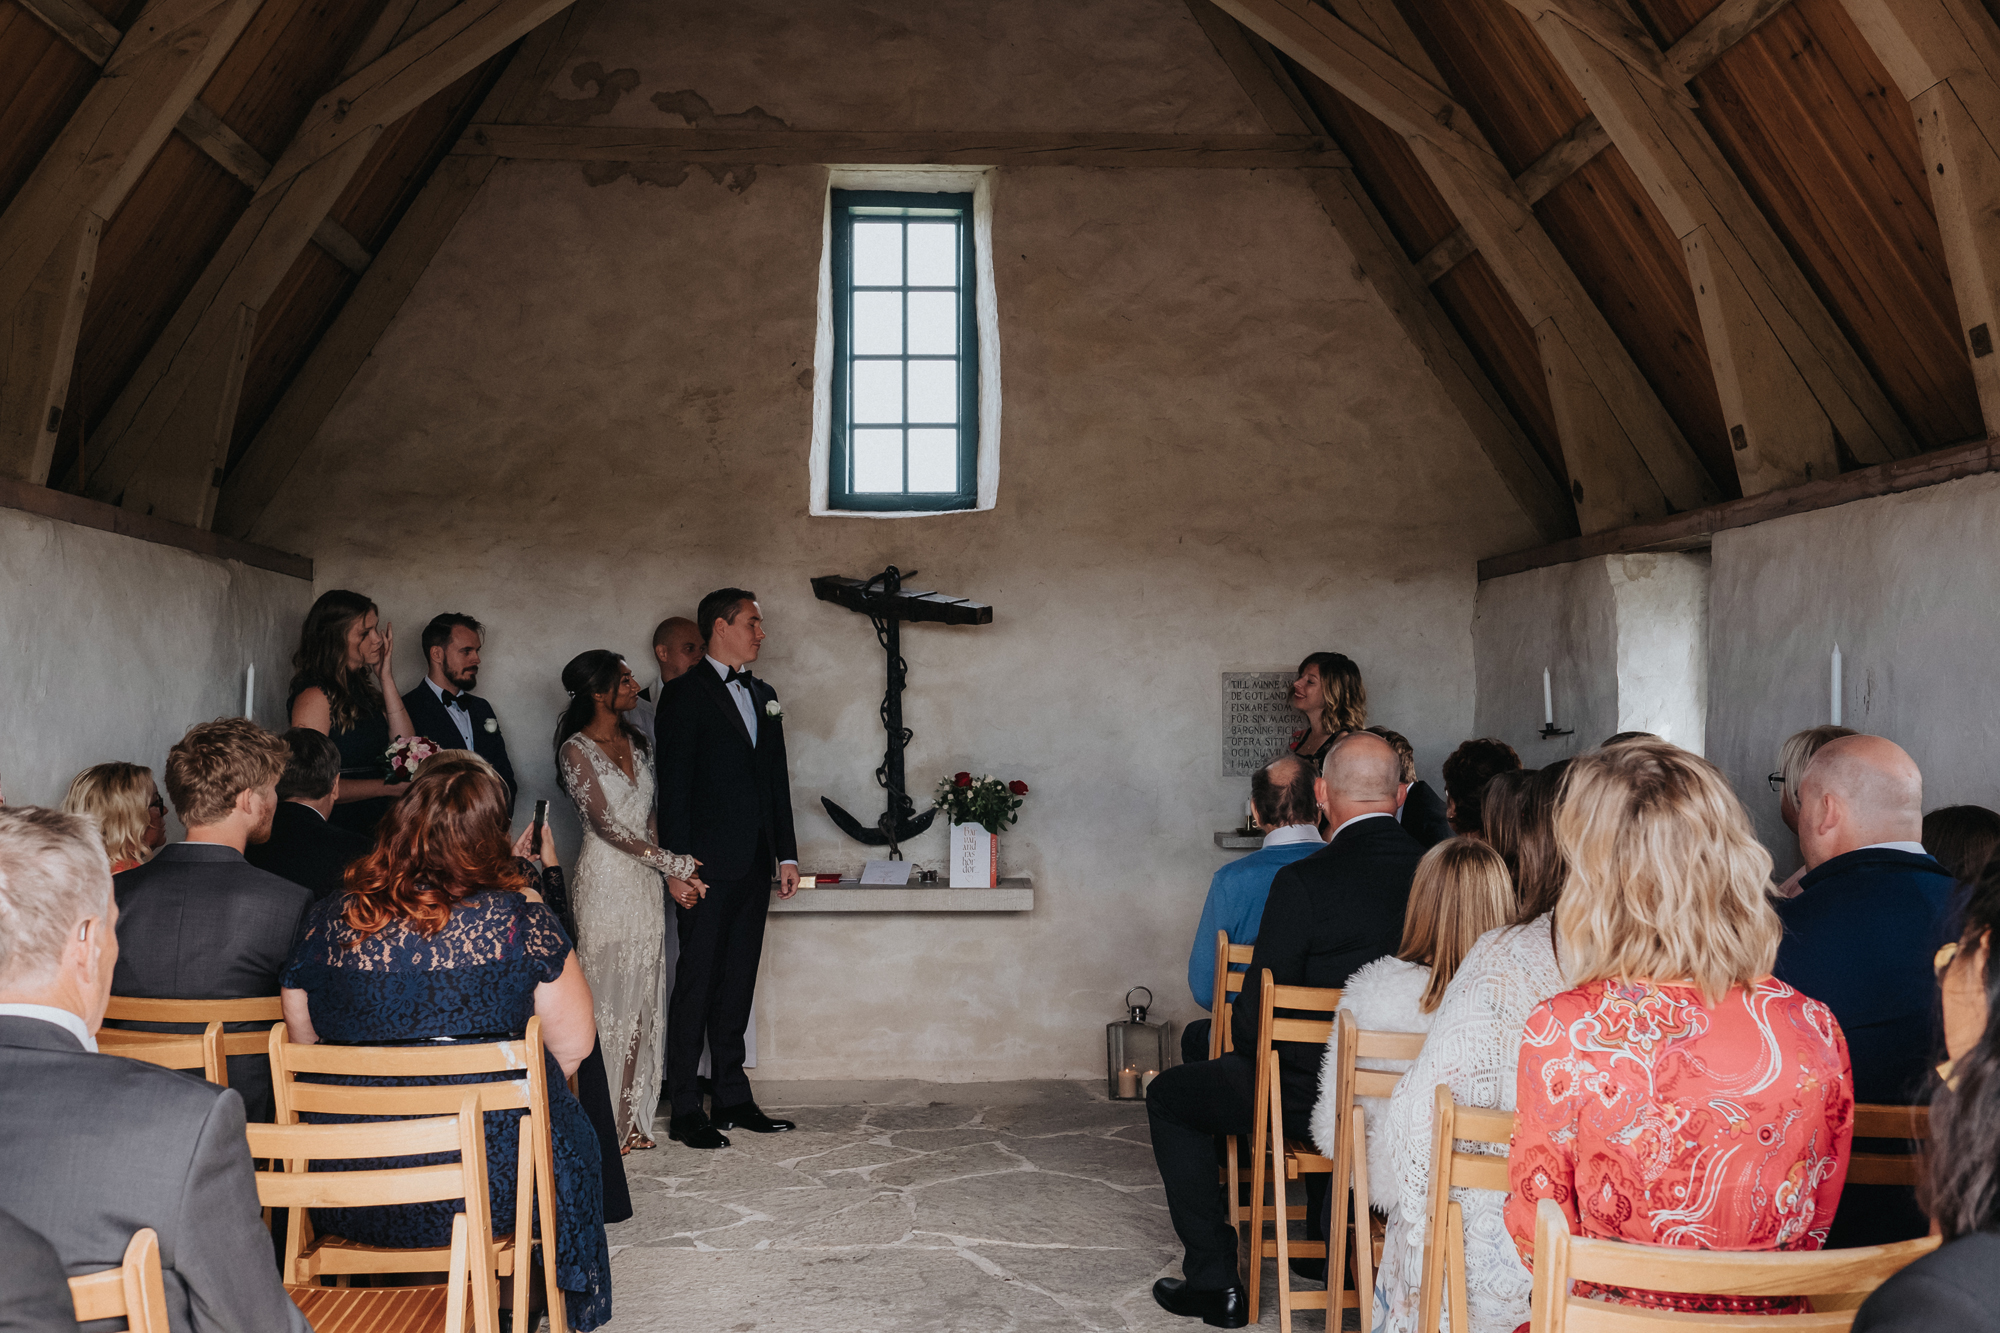 014-bröllop-kovik-gotland-neas-fotografi.jpg